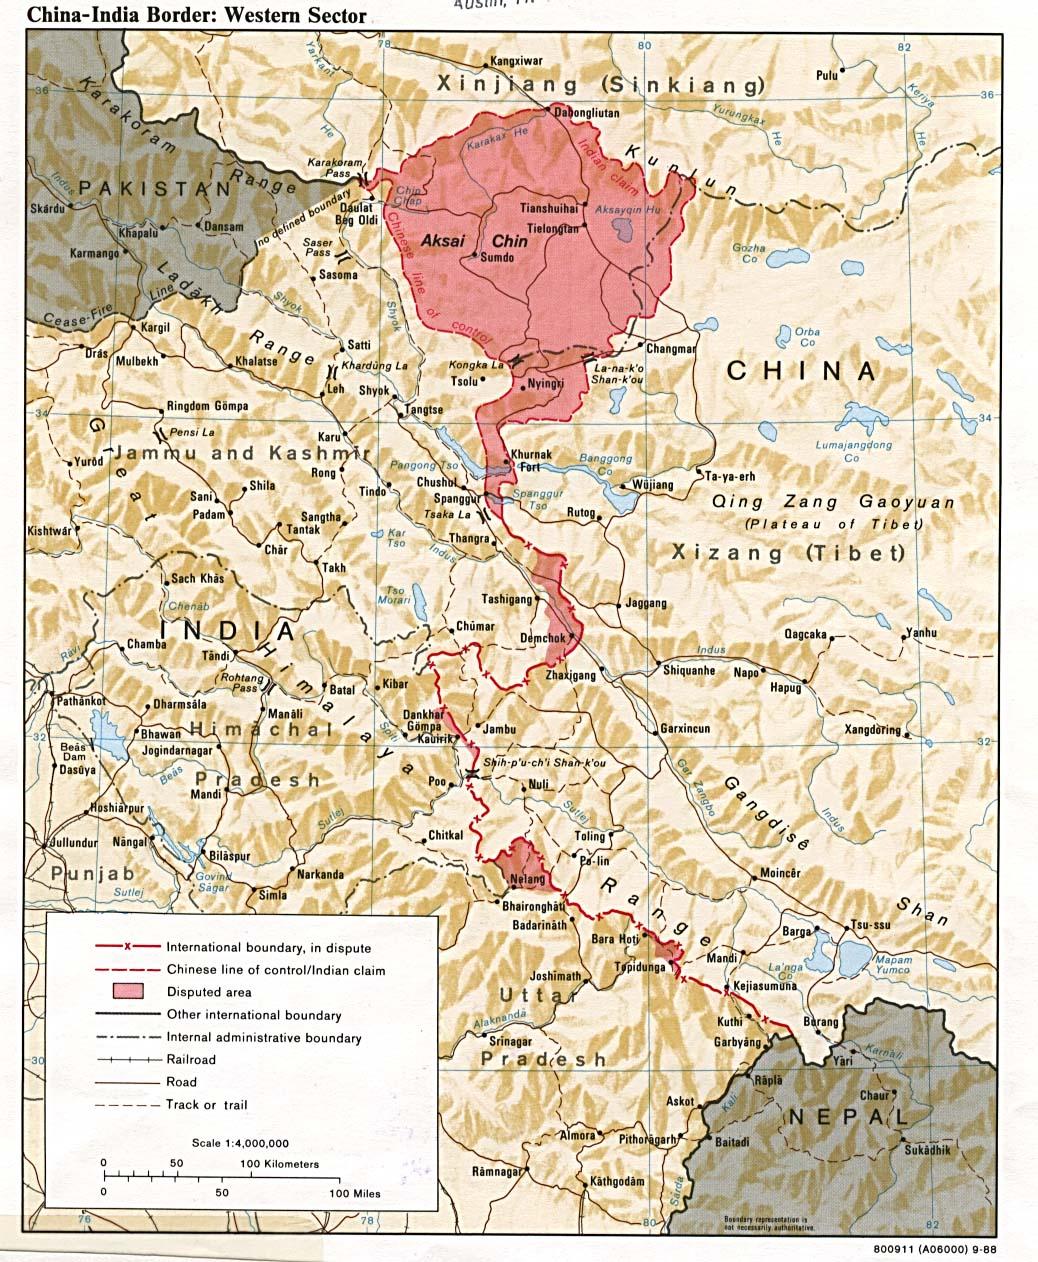 Mapa del Sector Occidental de la Frontera China-India